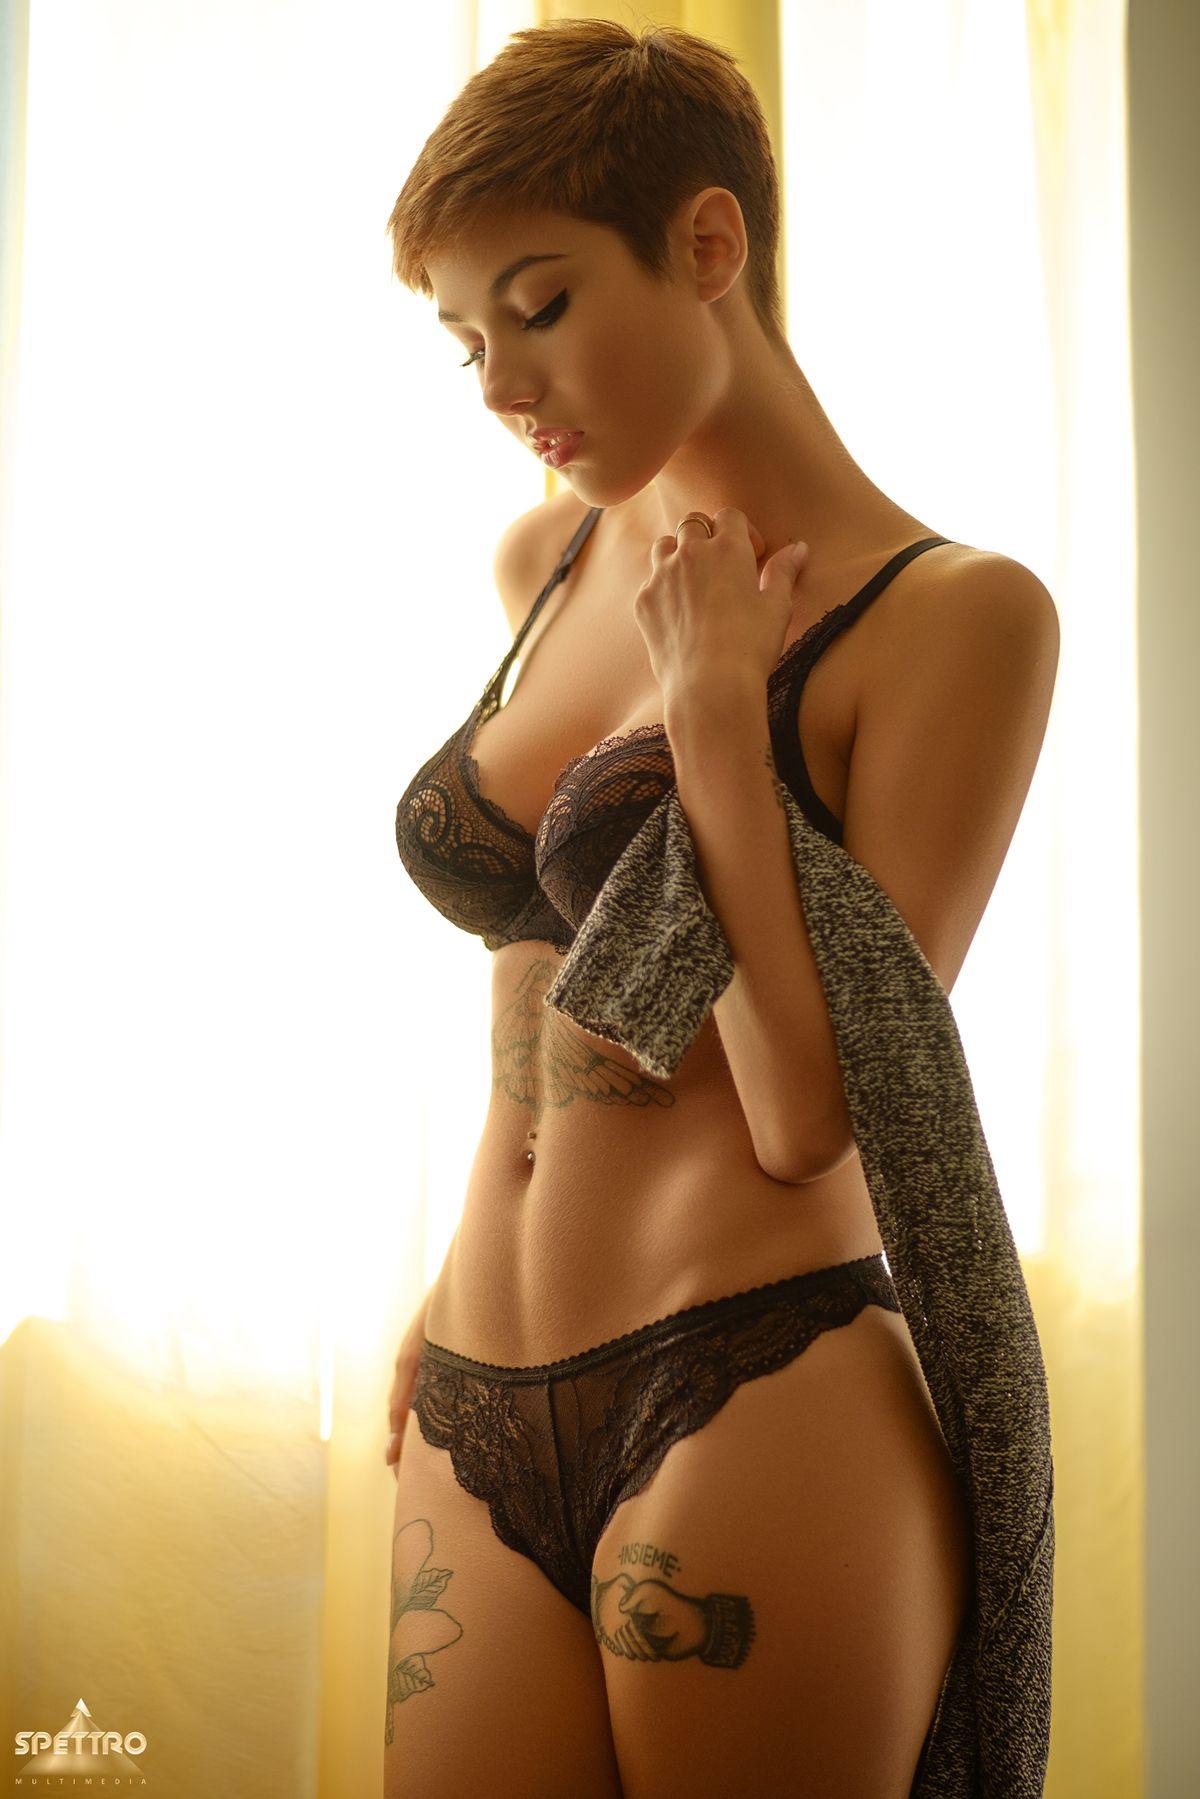 Giorgia soleri nude